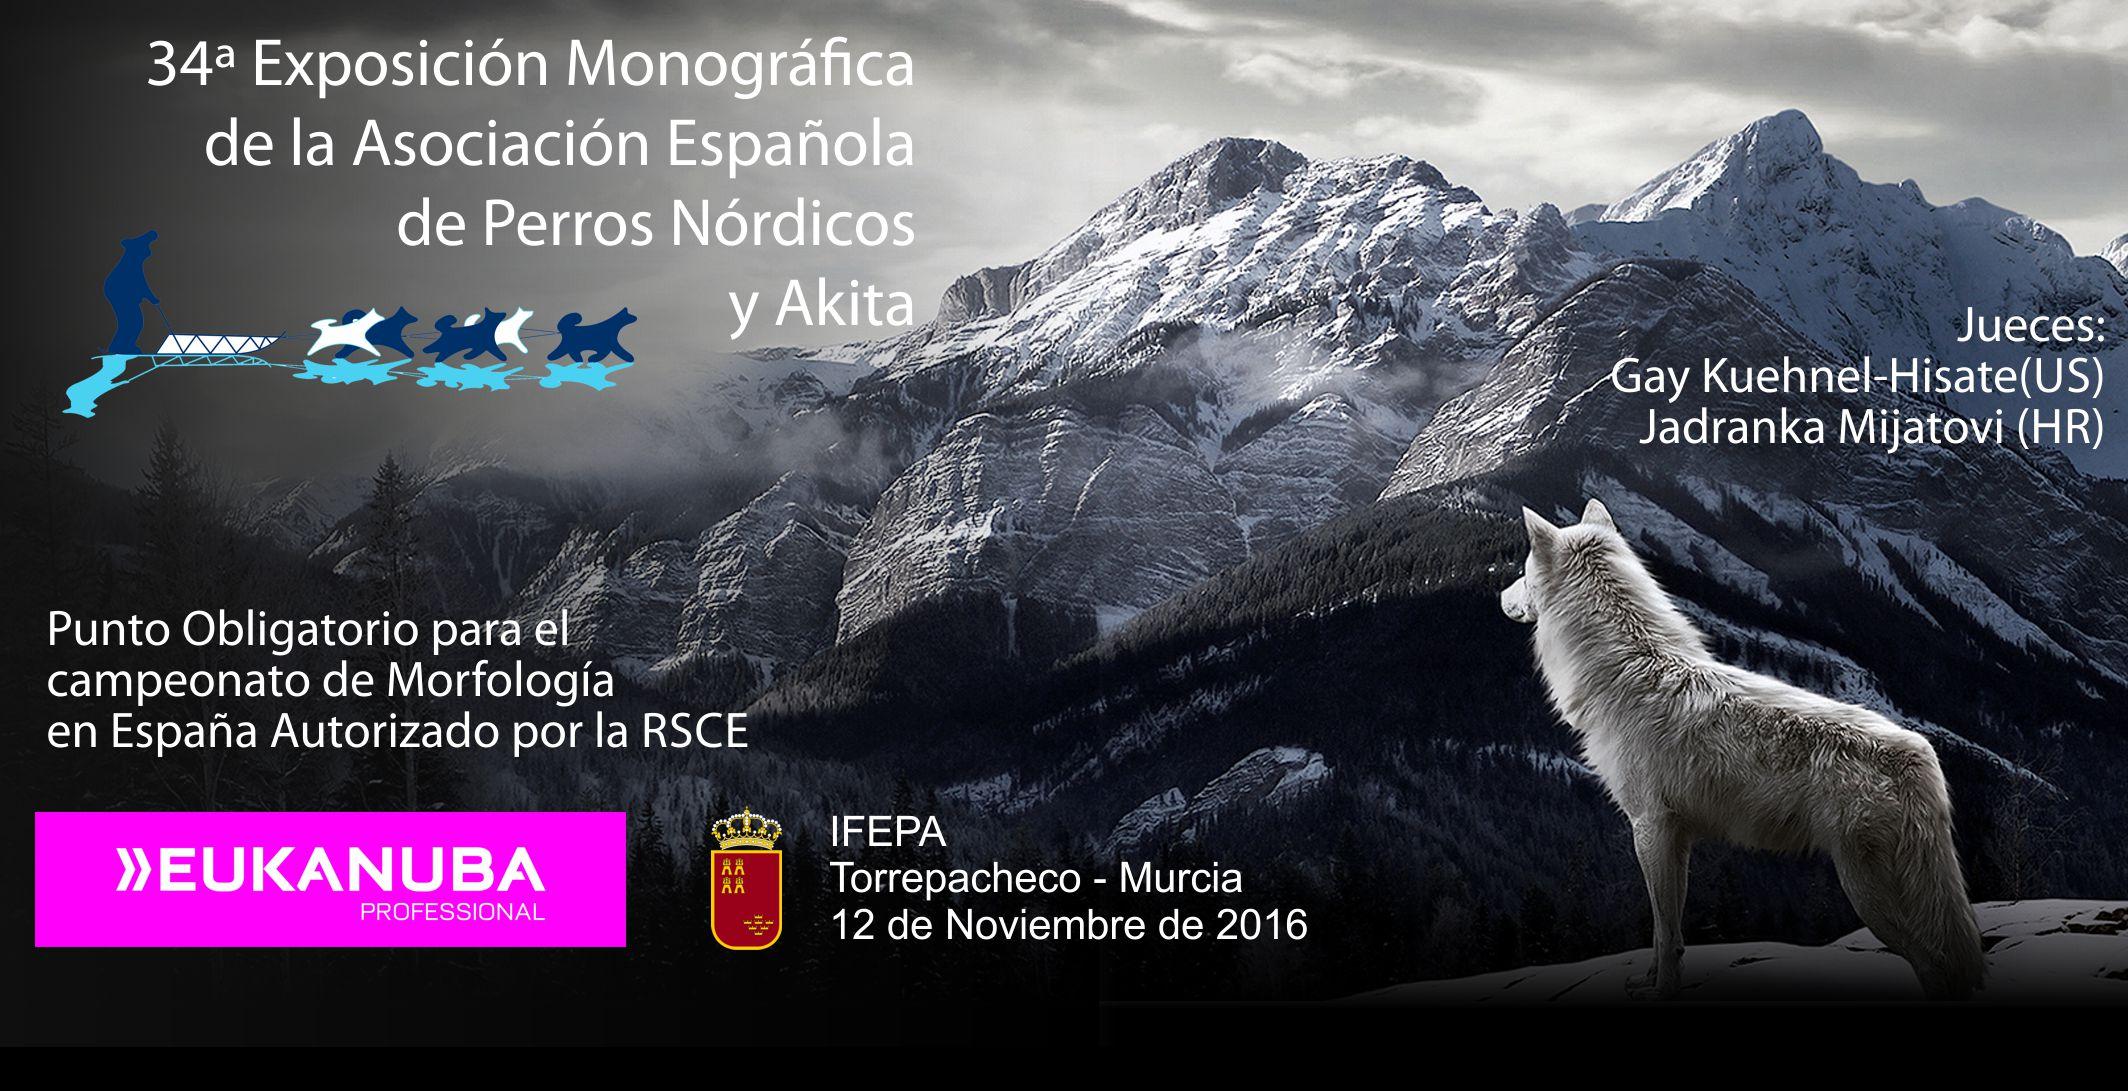 monografica-cepn-2016